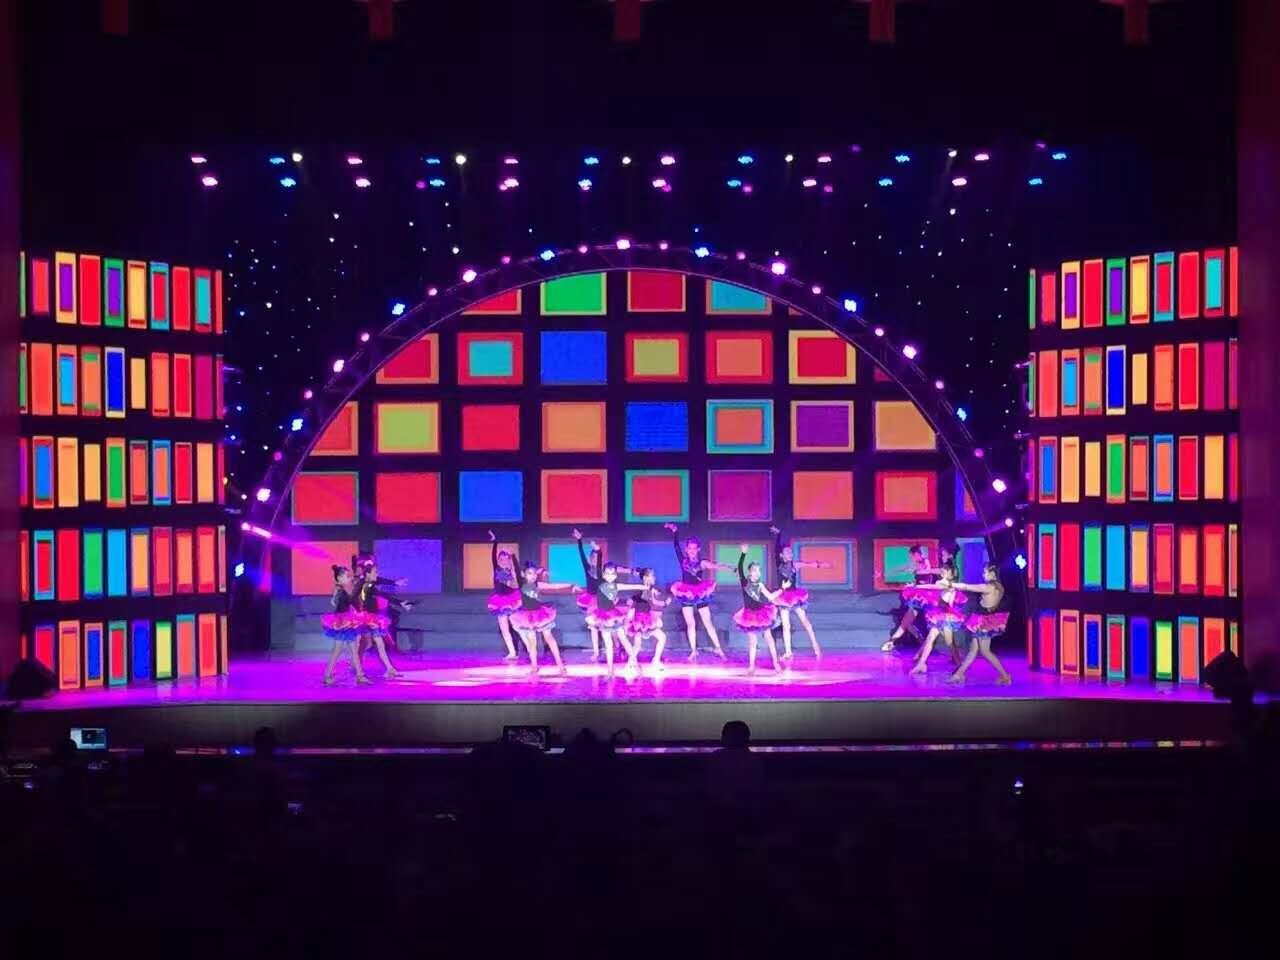 舞台背景彩色led显示屏